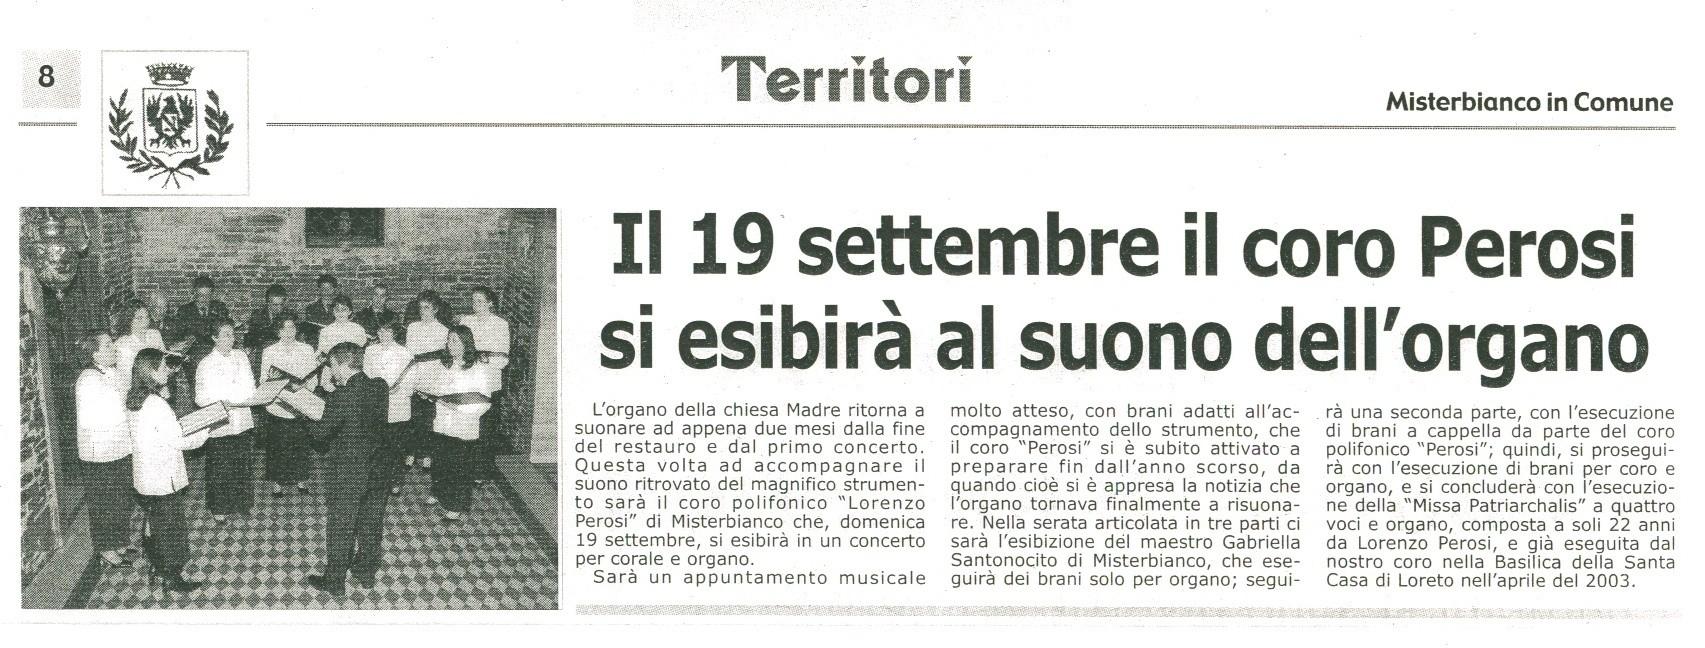 Misterbianco in Comune - settembre 2004